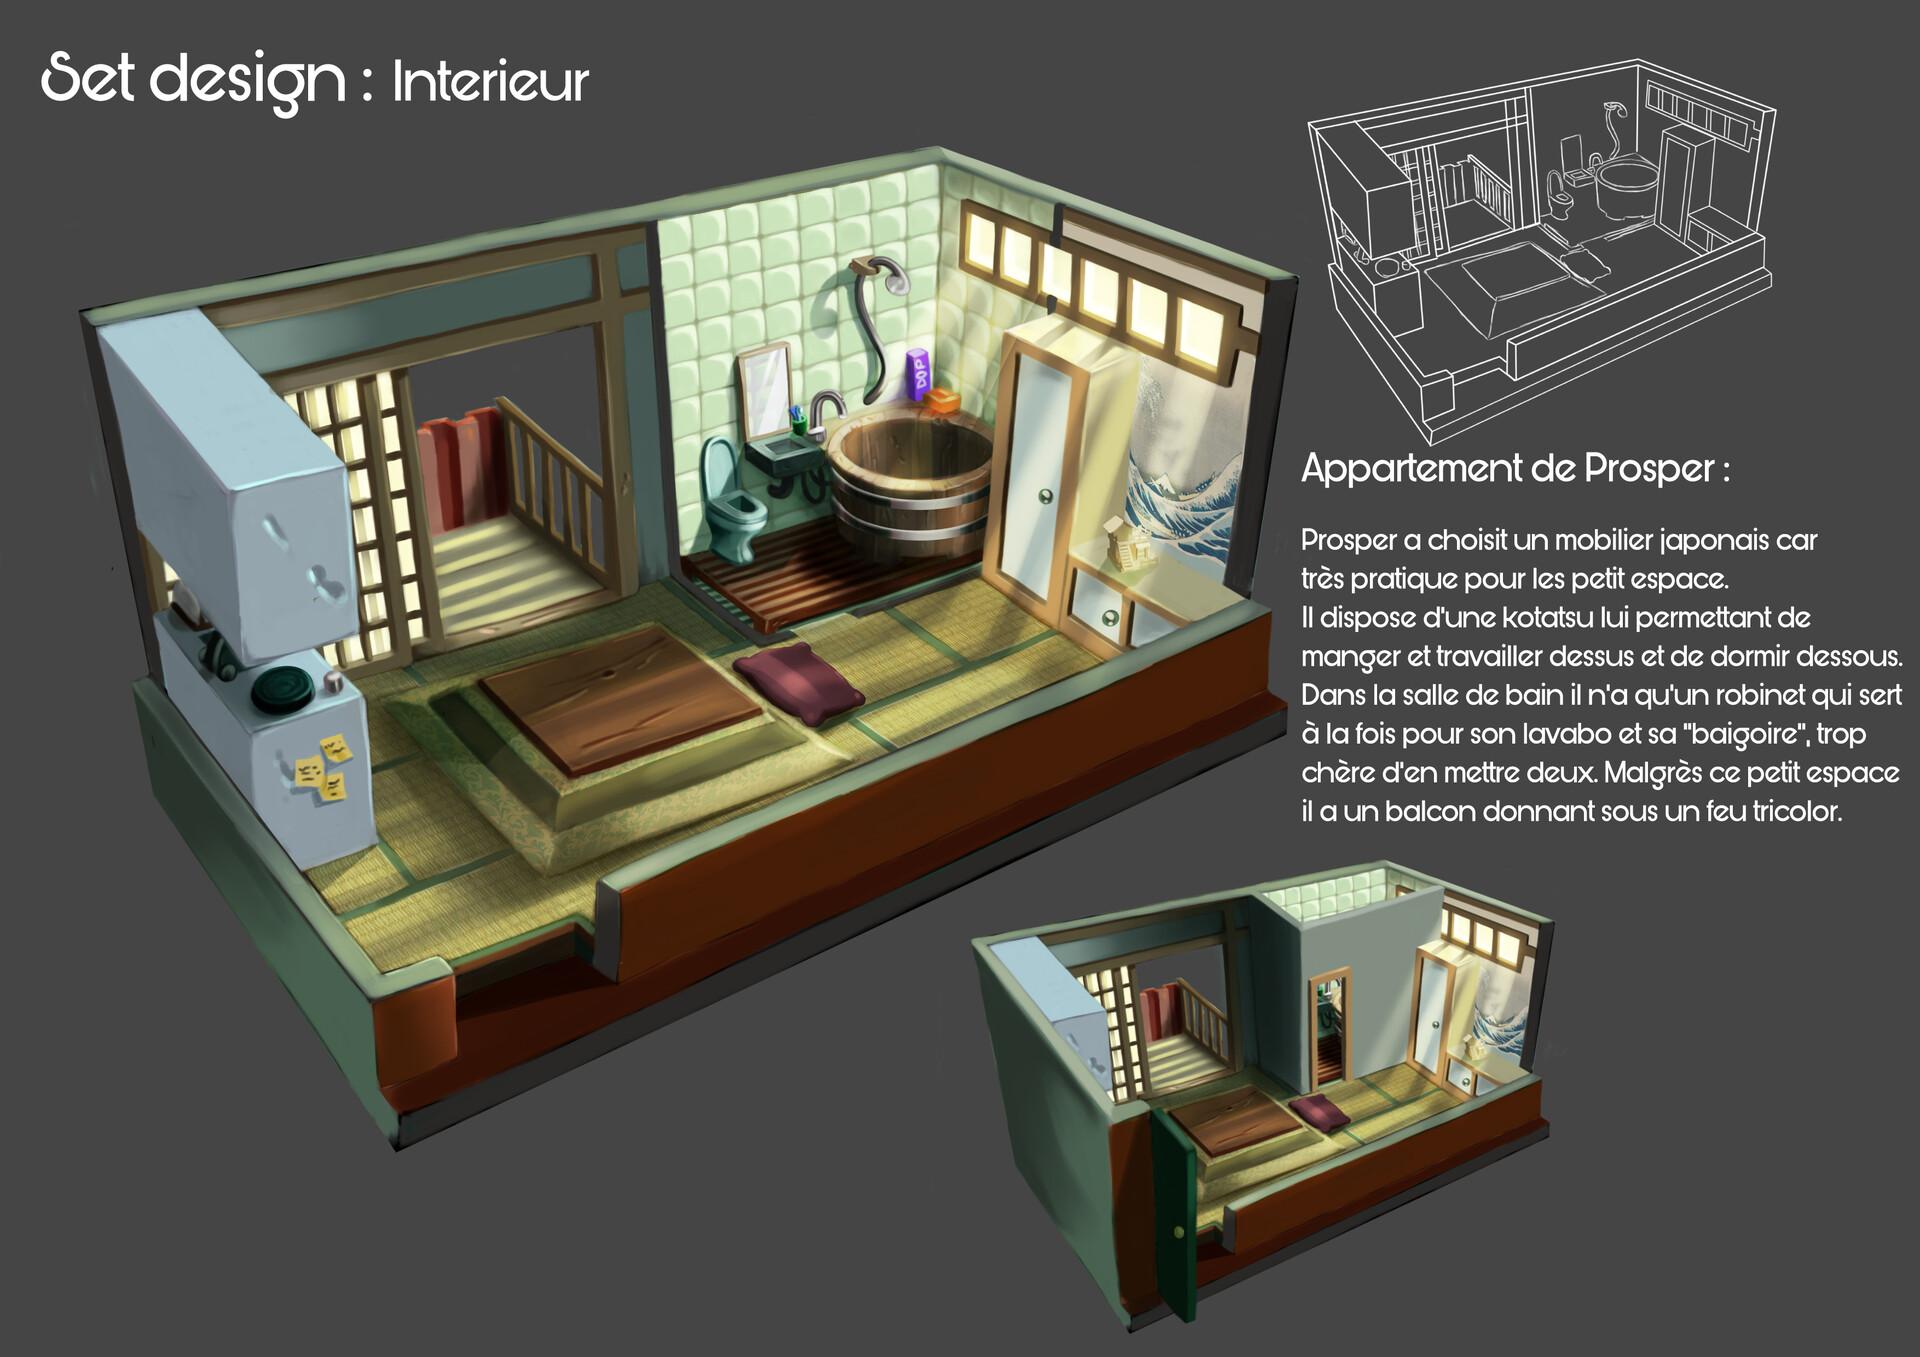 Lavabo Pour Petit Espace artstation - propser 's setanaïs ferreira, lim'art art